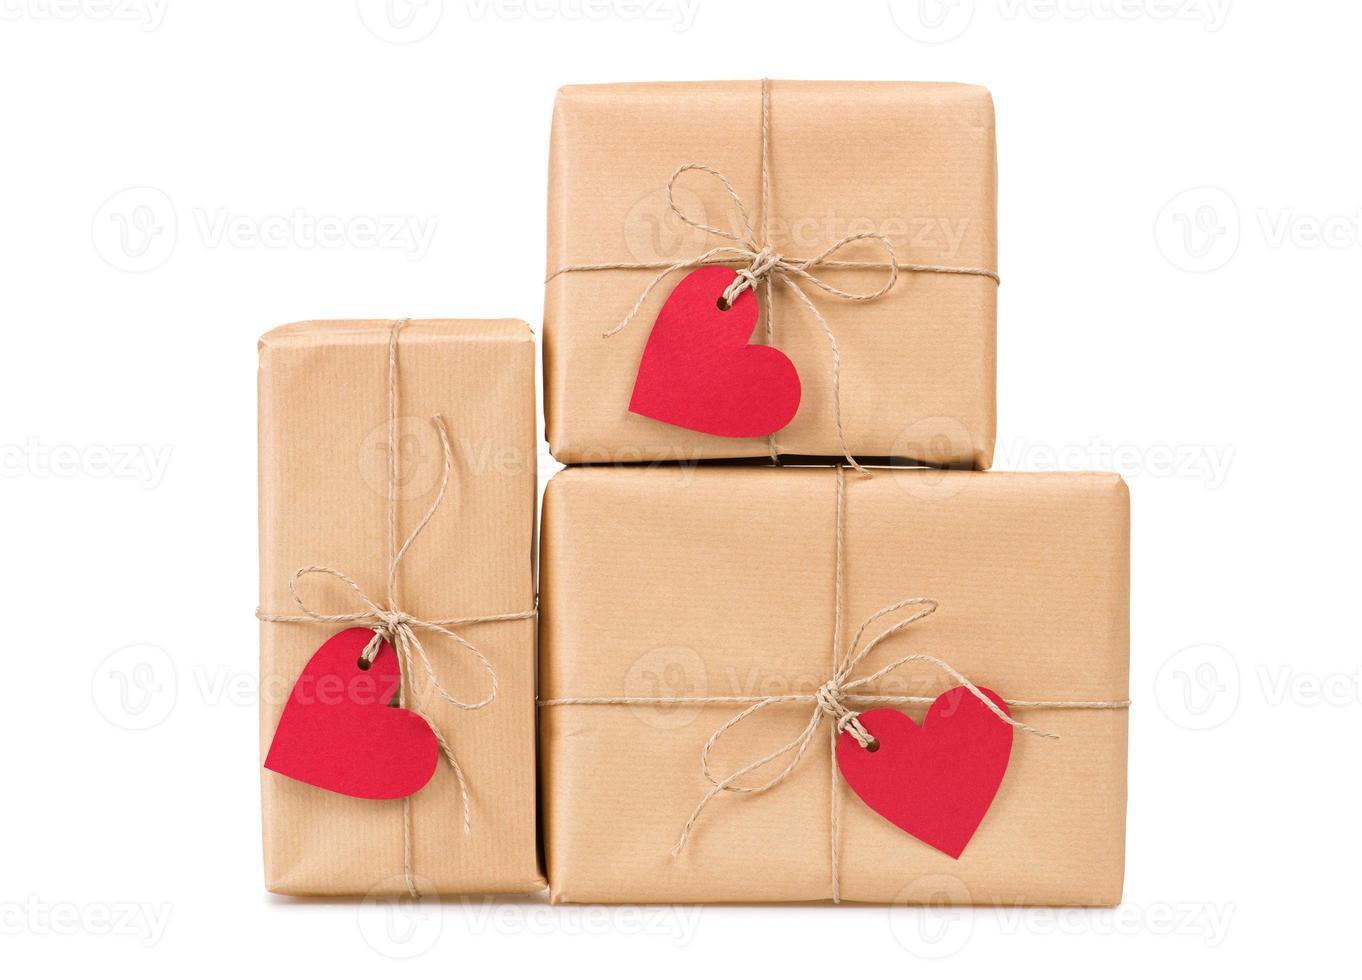 confezioni regalo etichette a forma di cuore foto